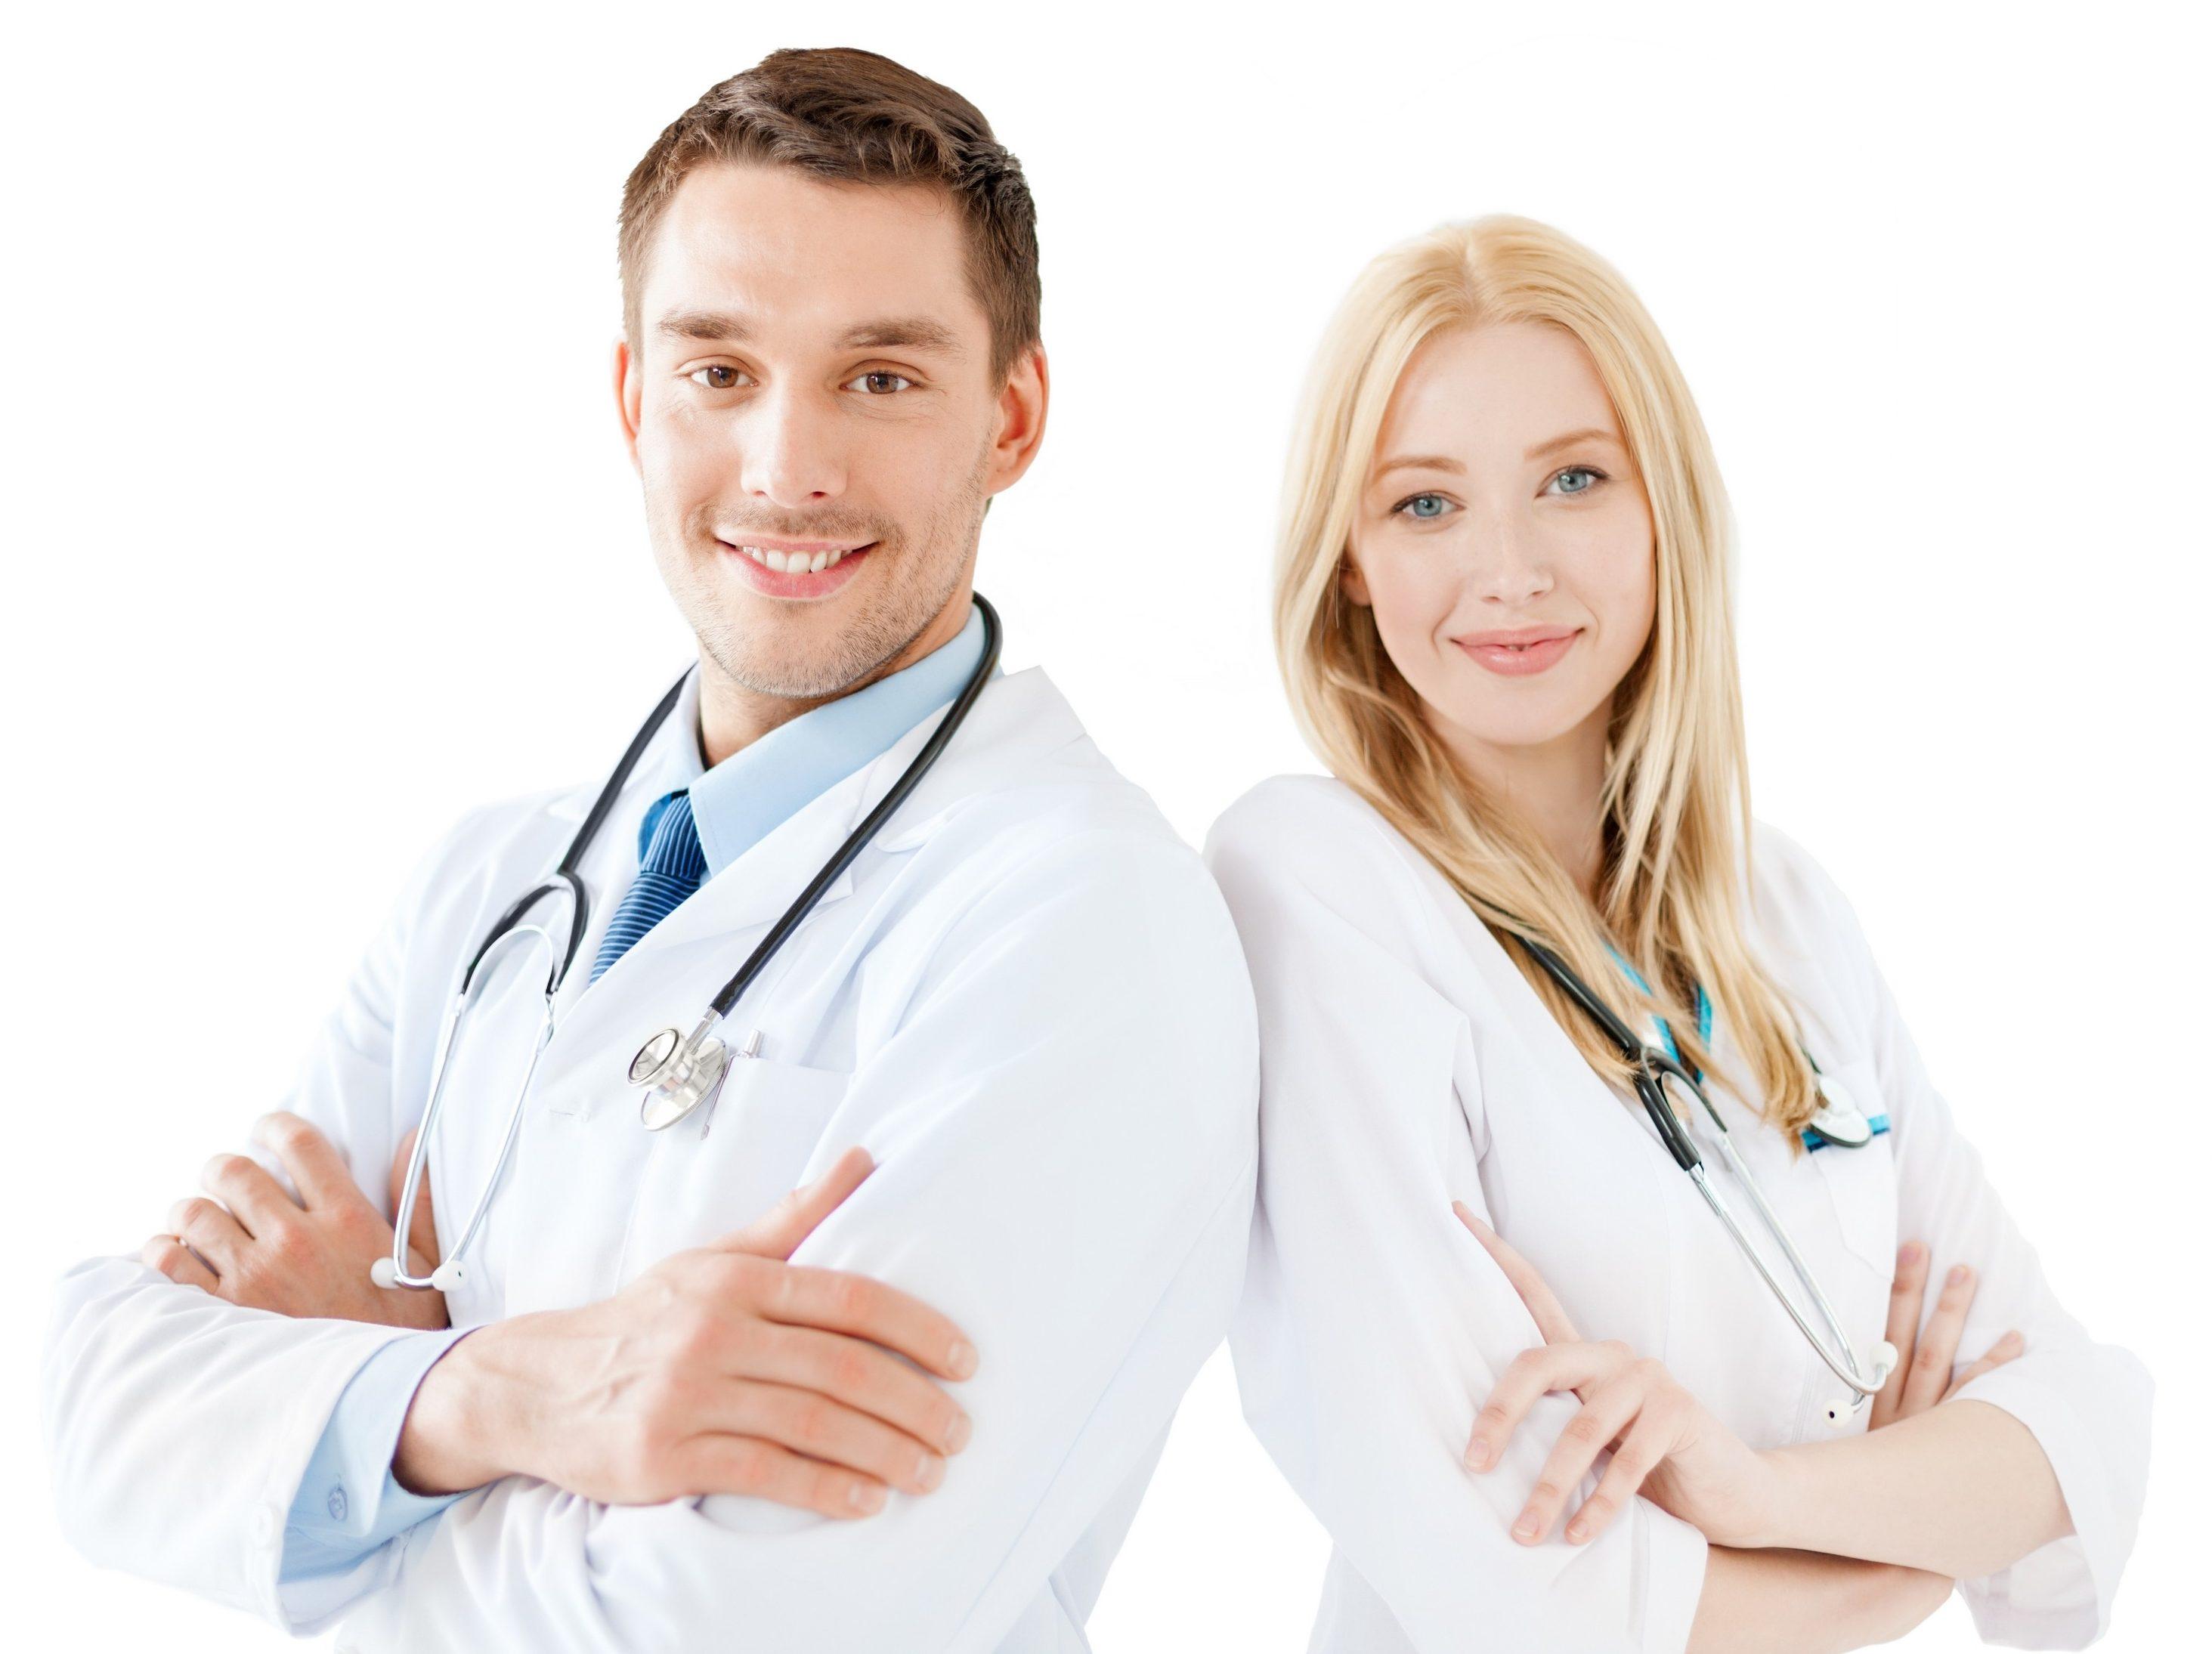 Двое врачей